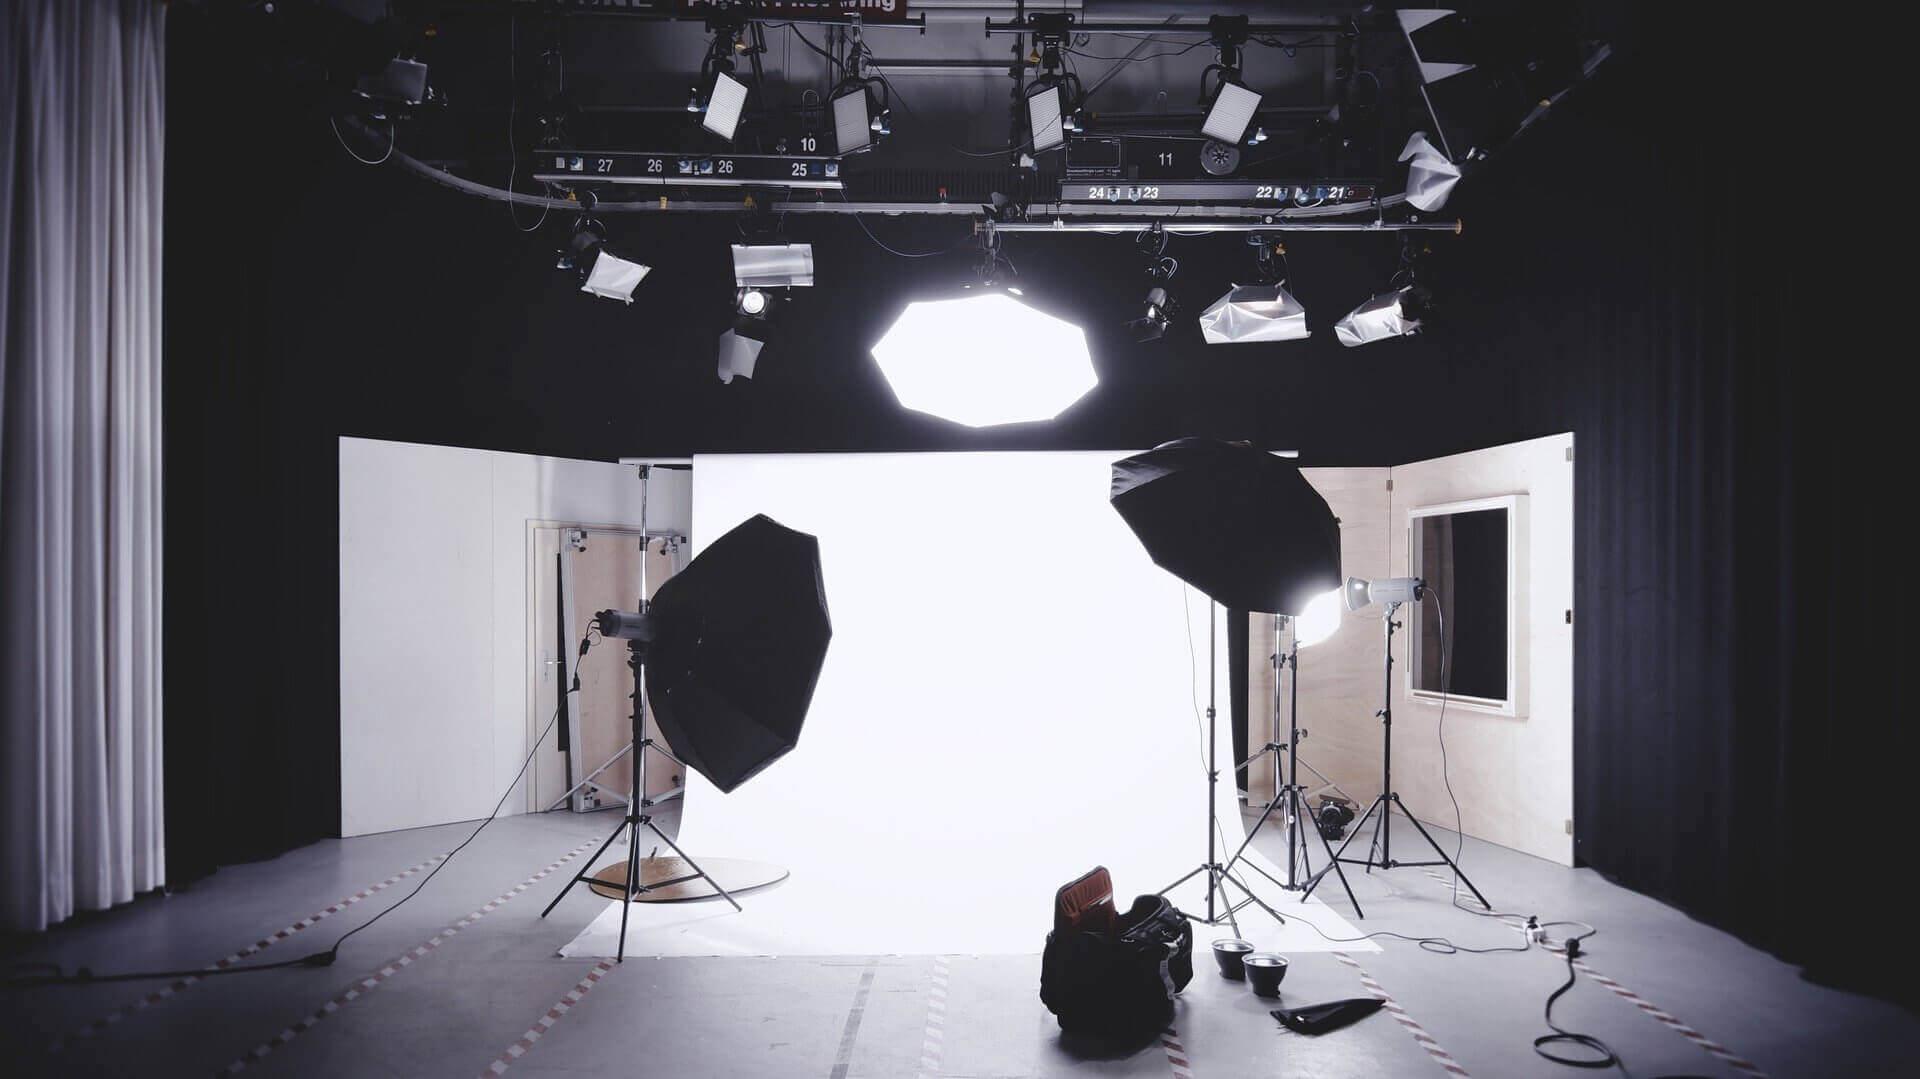 エアライン証明写真で写りをよくする秘訣、対処法で写真ブスを回避! エアライン証明写真写真